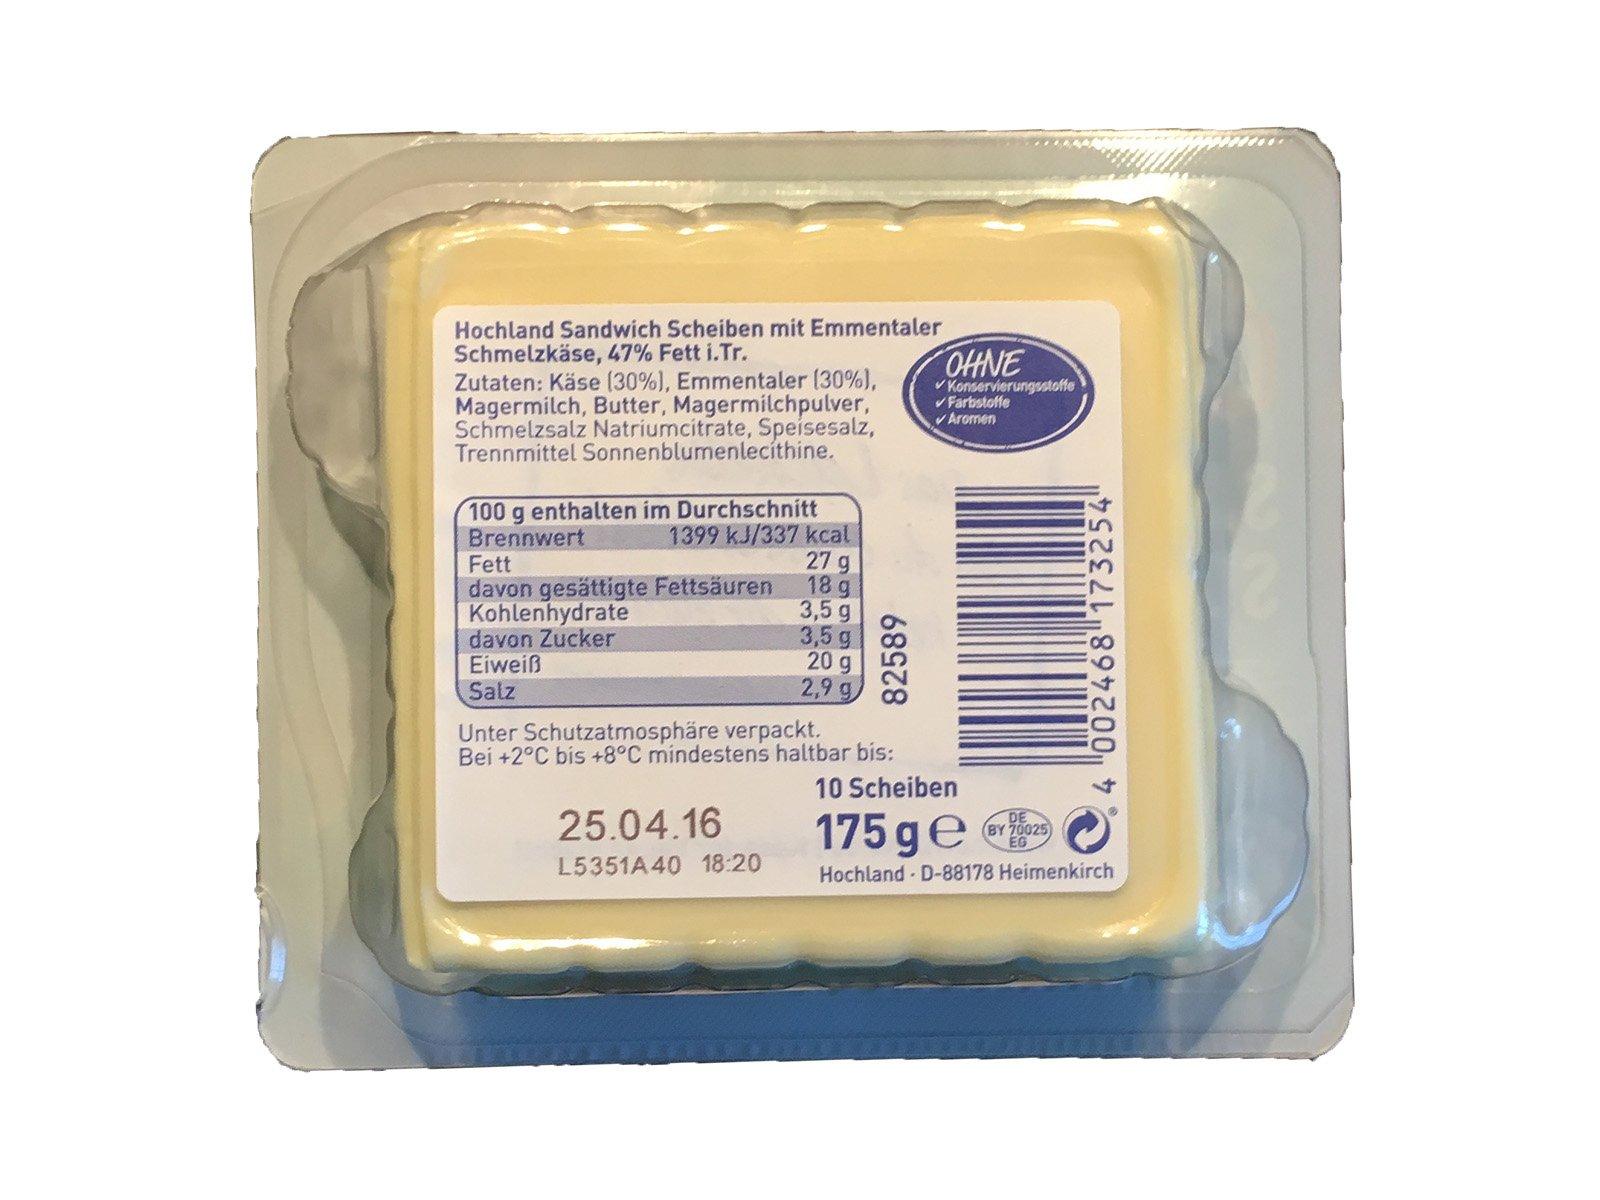 Hochland Sandwich Scheiben Emmentaler